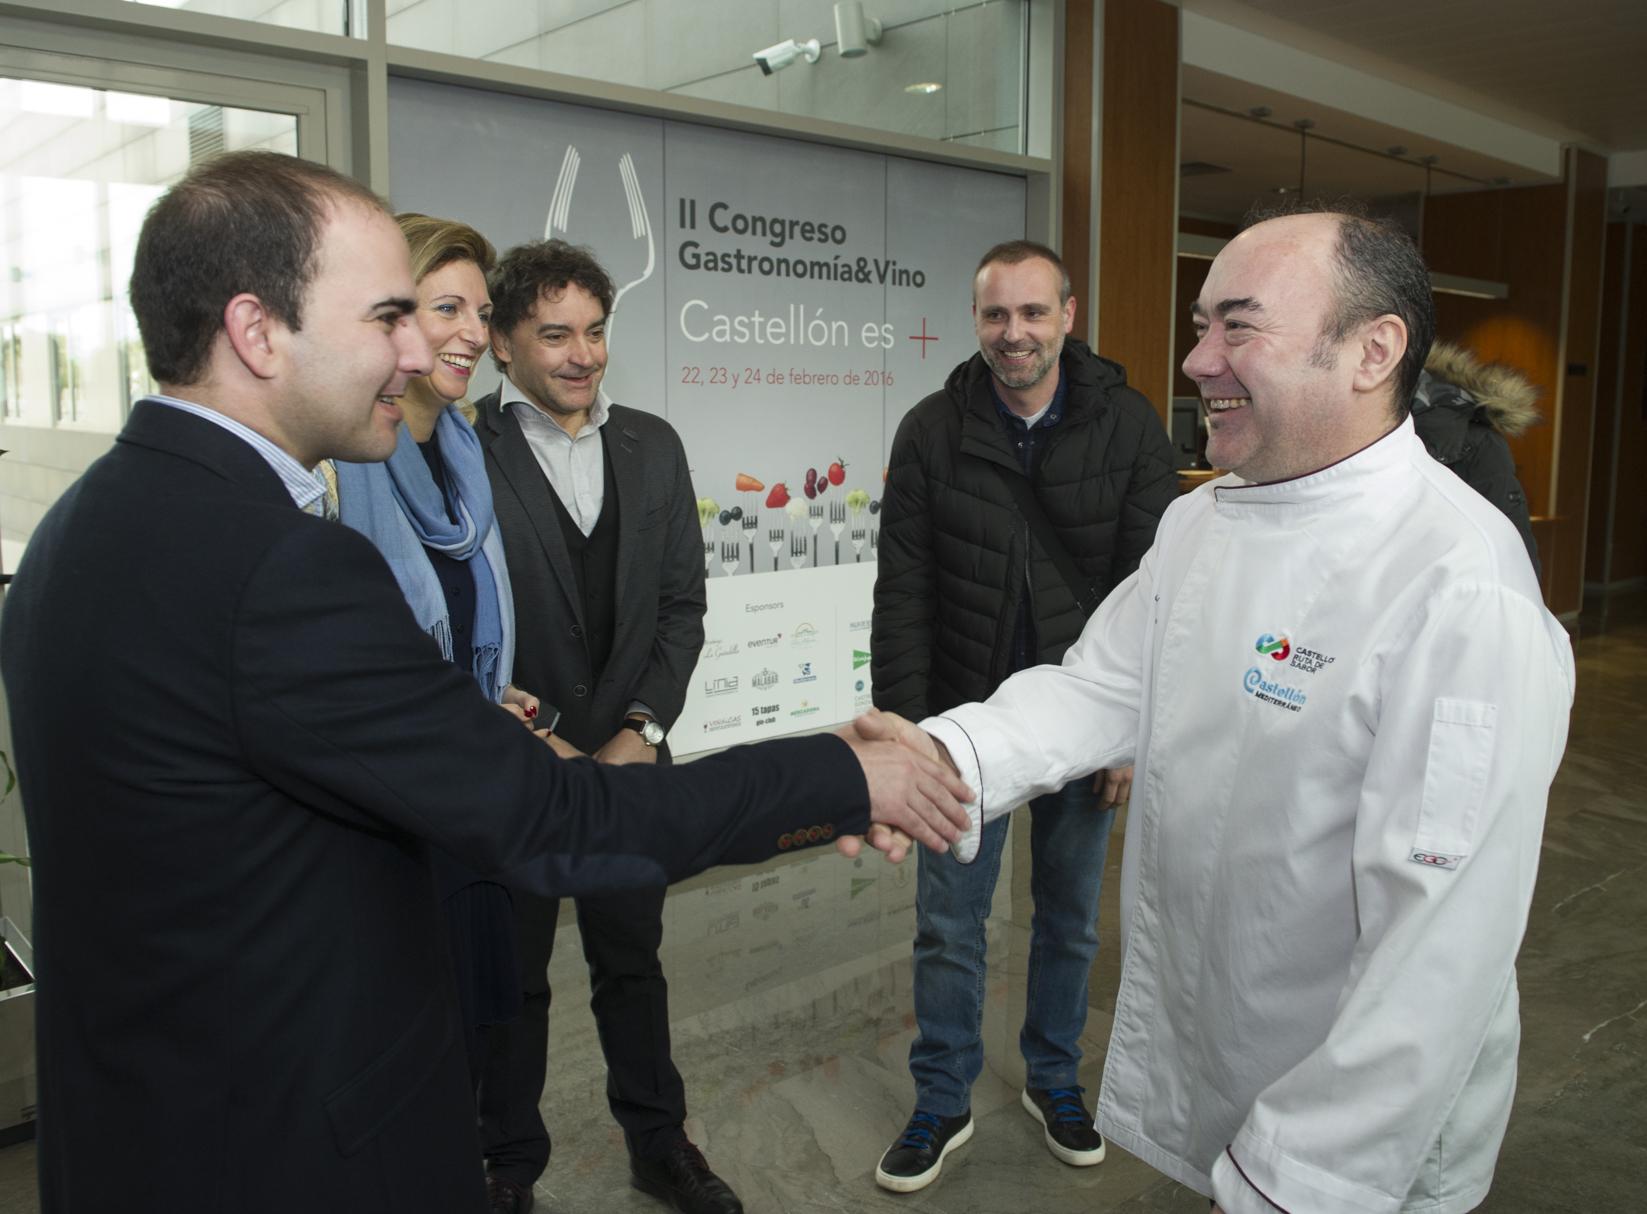 El Gobierno Provincial posiciona los productos autóctonos de la mano de Miguel Barrera y Castelló Ruta de Sabor en el II Congreso Gastronomía & Vino de Castellón